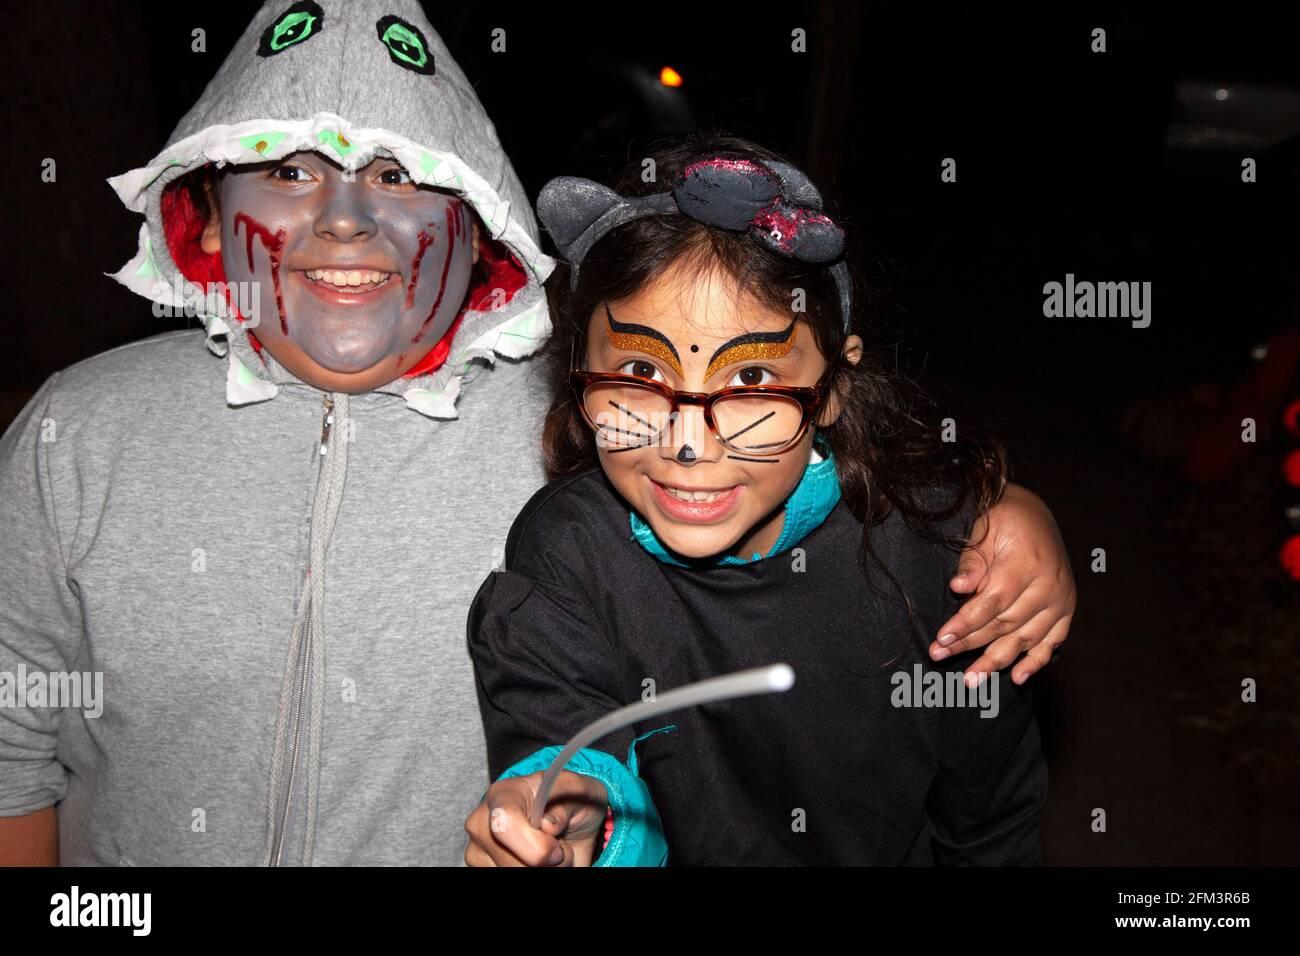 Truco de Halloween y tratadores disfrazados como gato y ghoulish como perro. St Paul Minnesota MN EE.UU Foto de stock